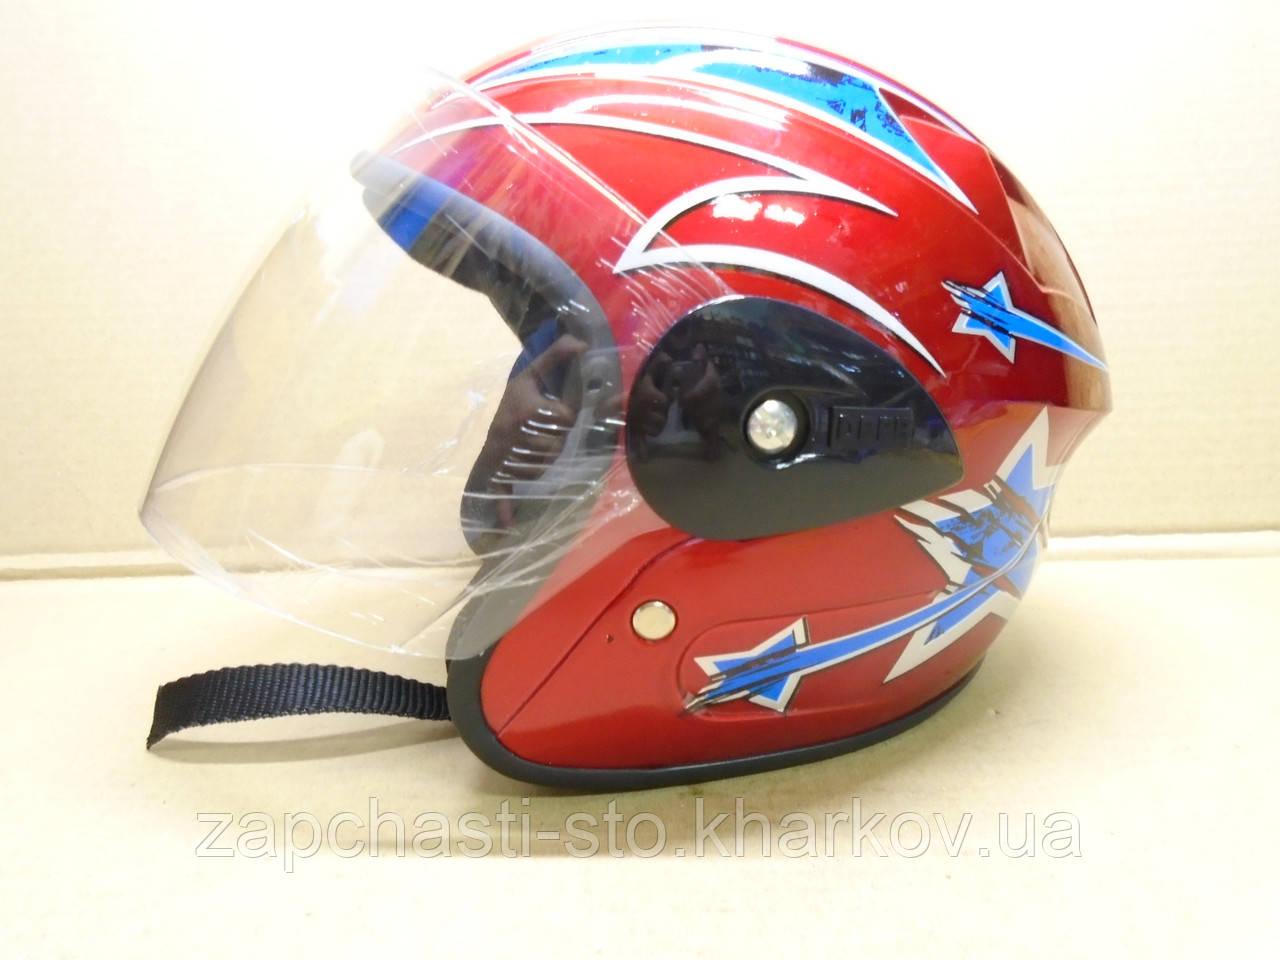 Шлем для скутера, мопеда со стеклом 3/4 детский, подростковый